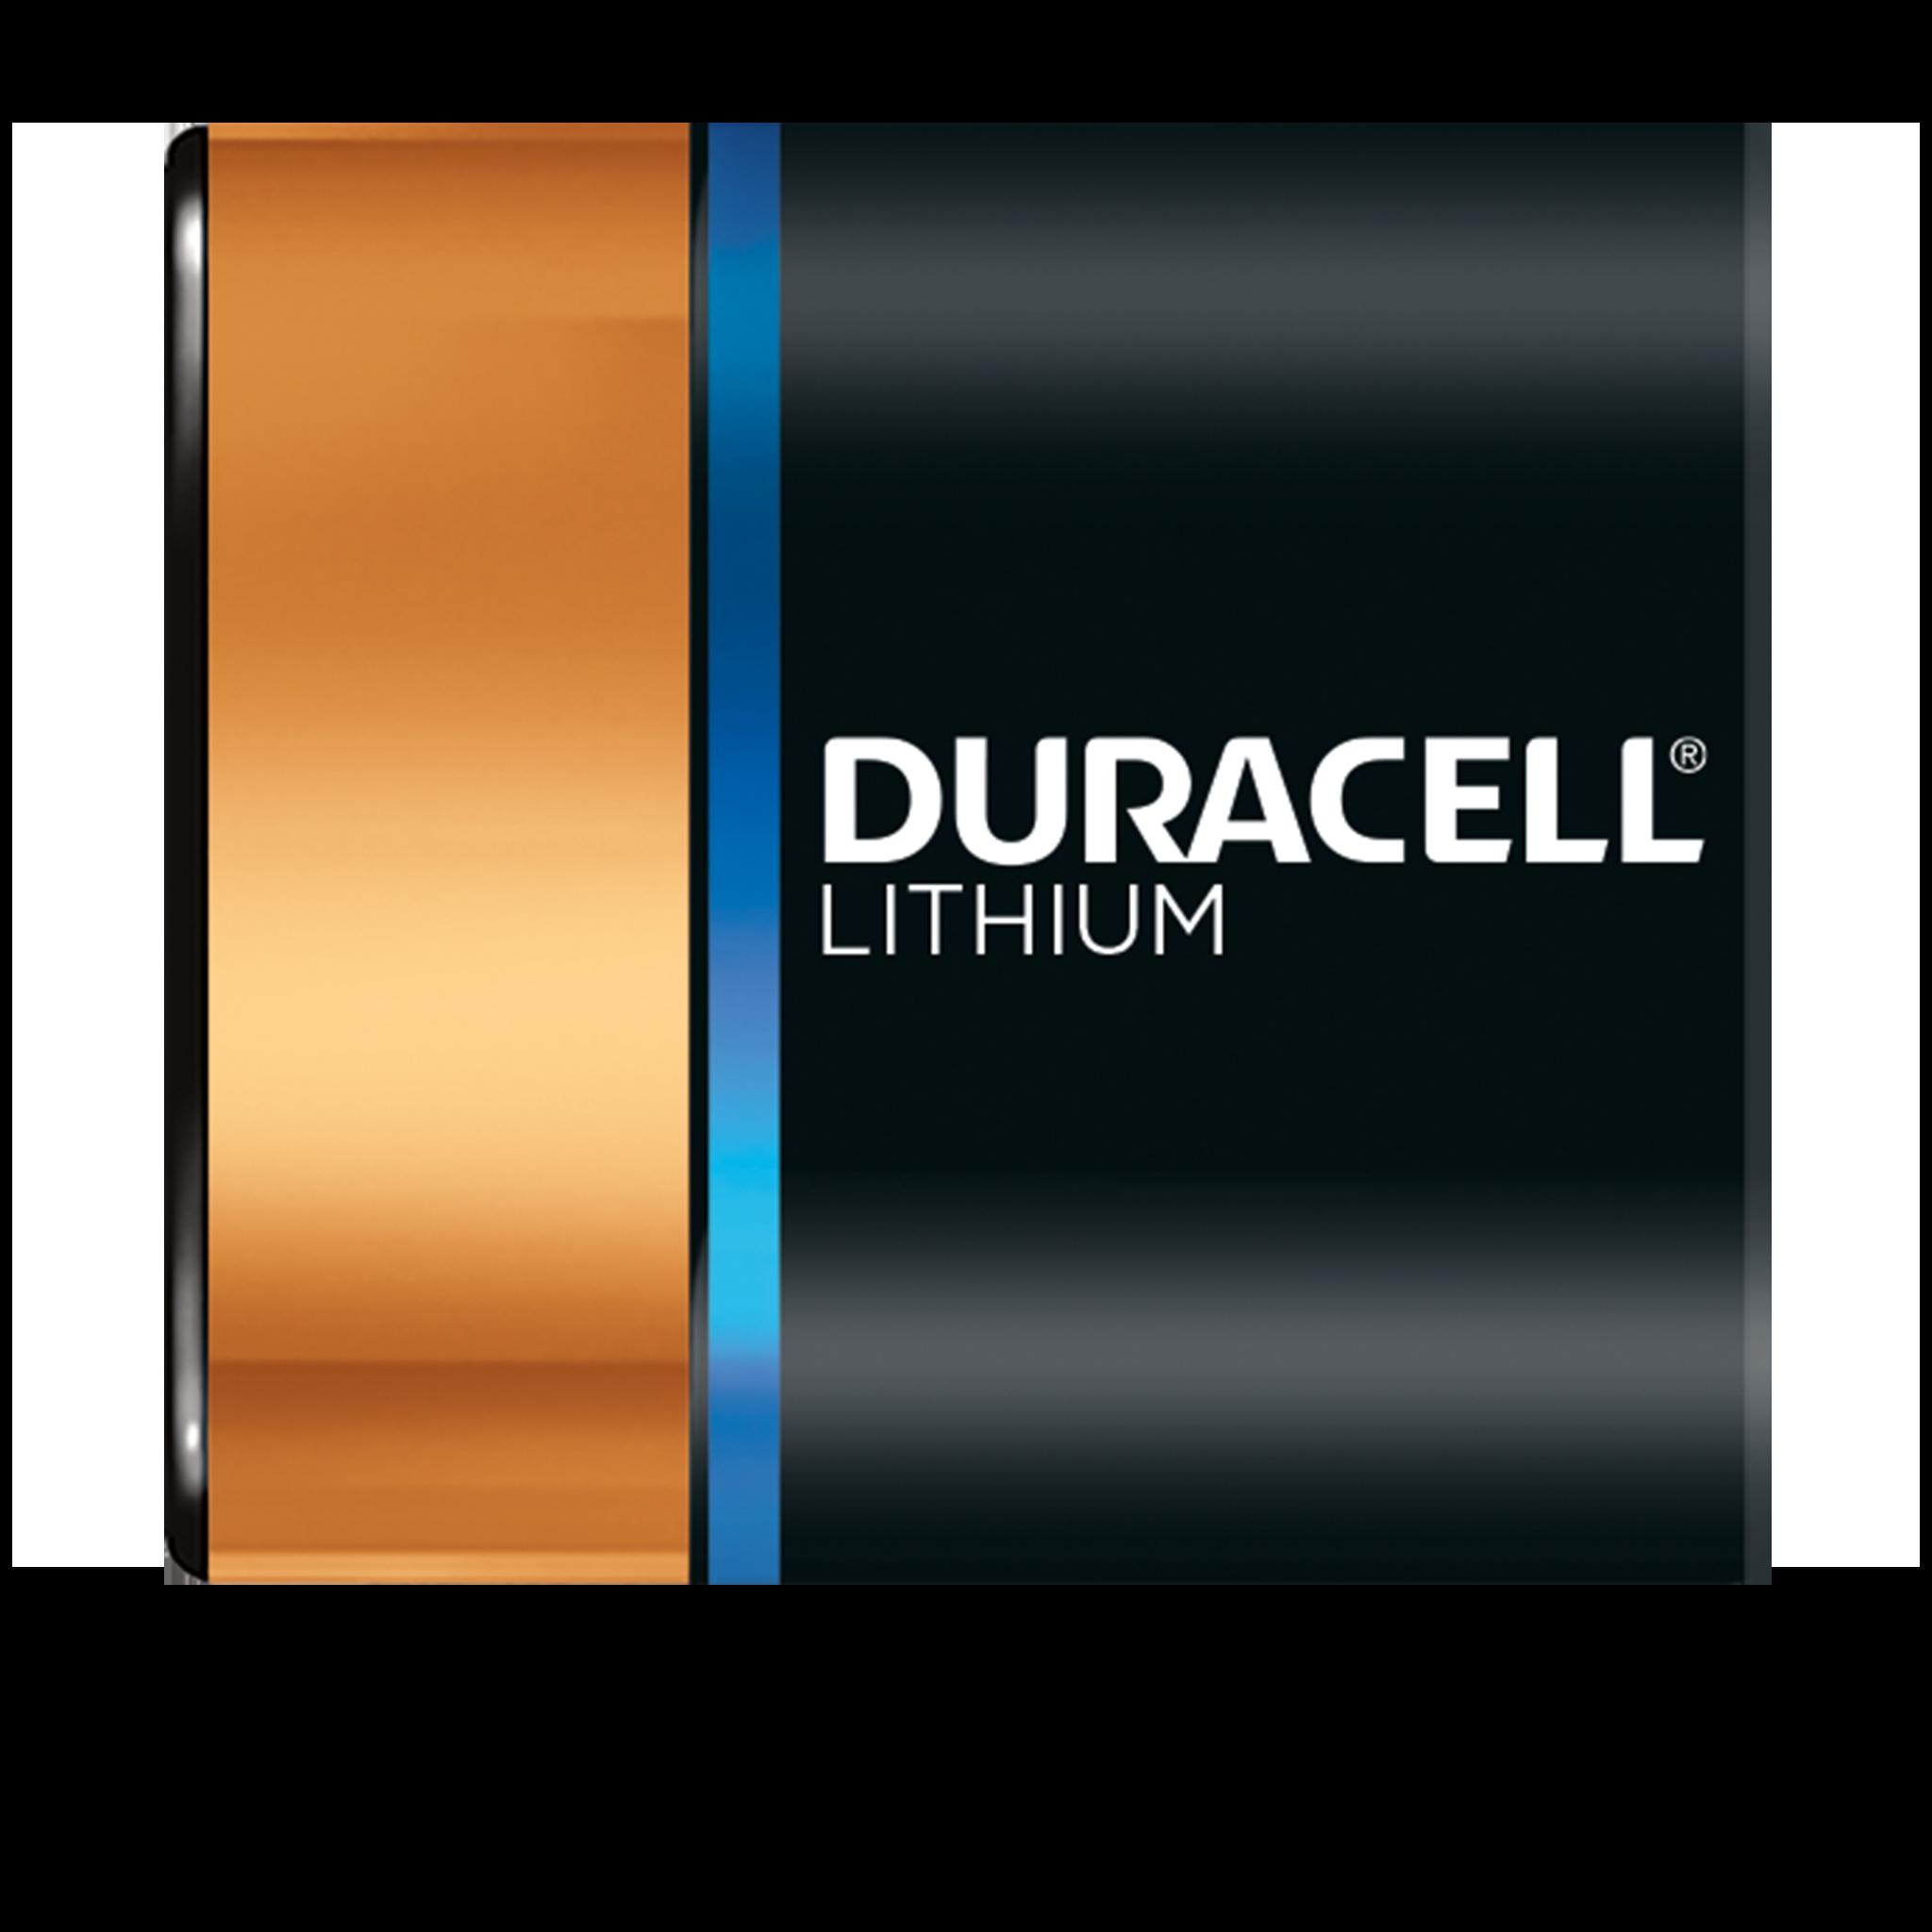 Batterie autonome 223